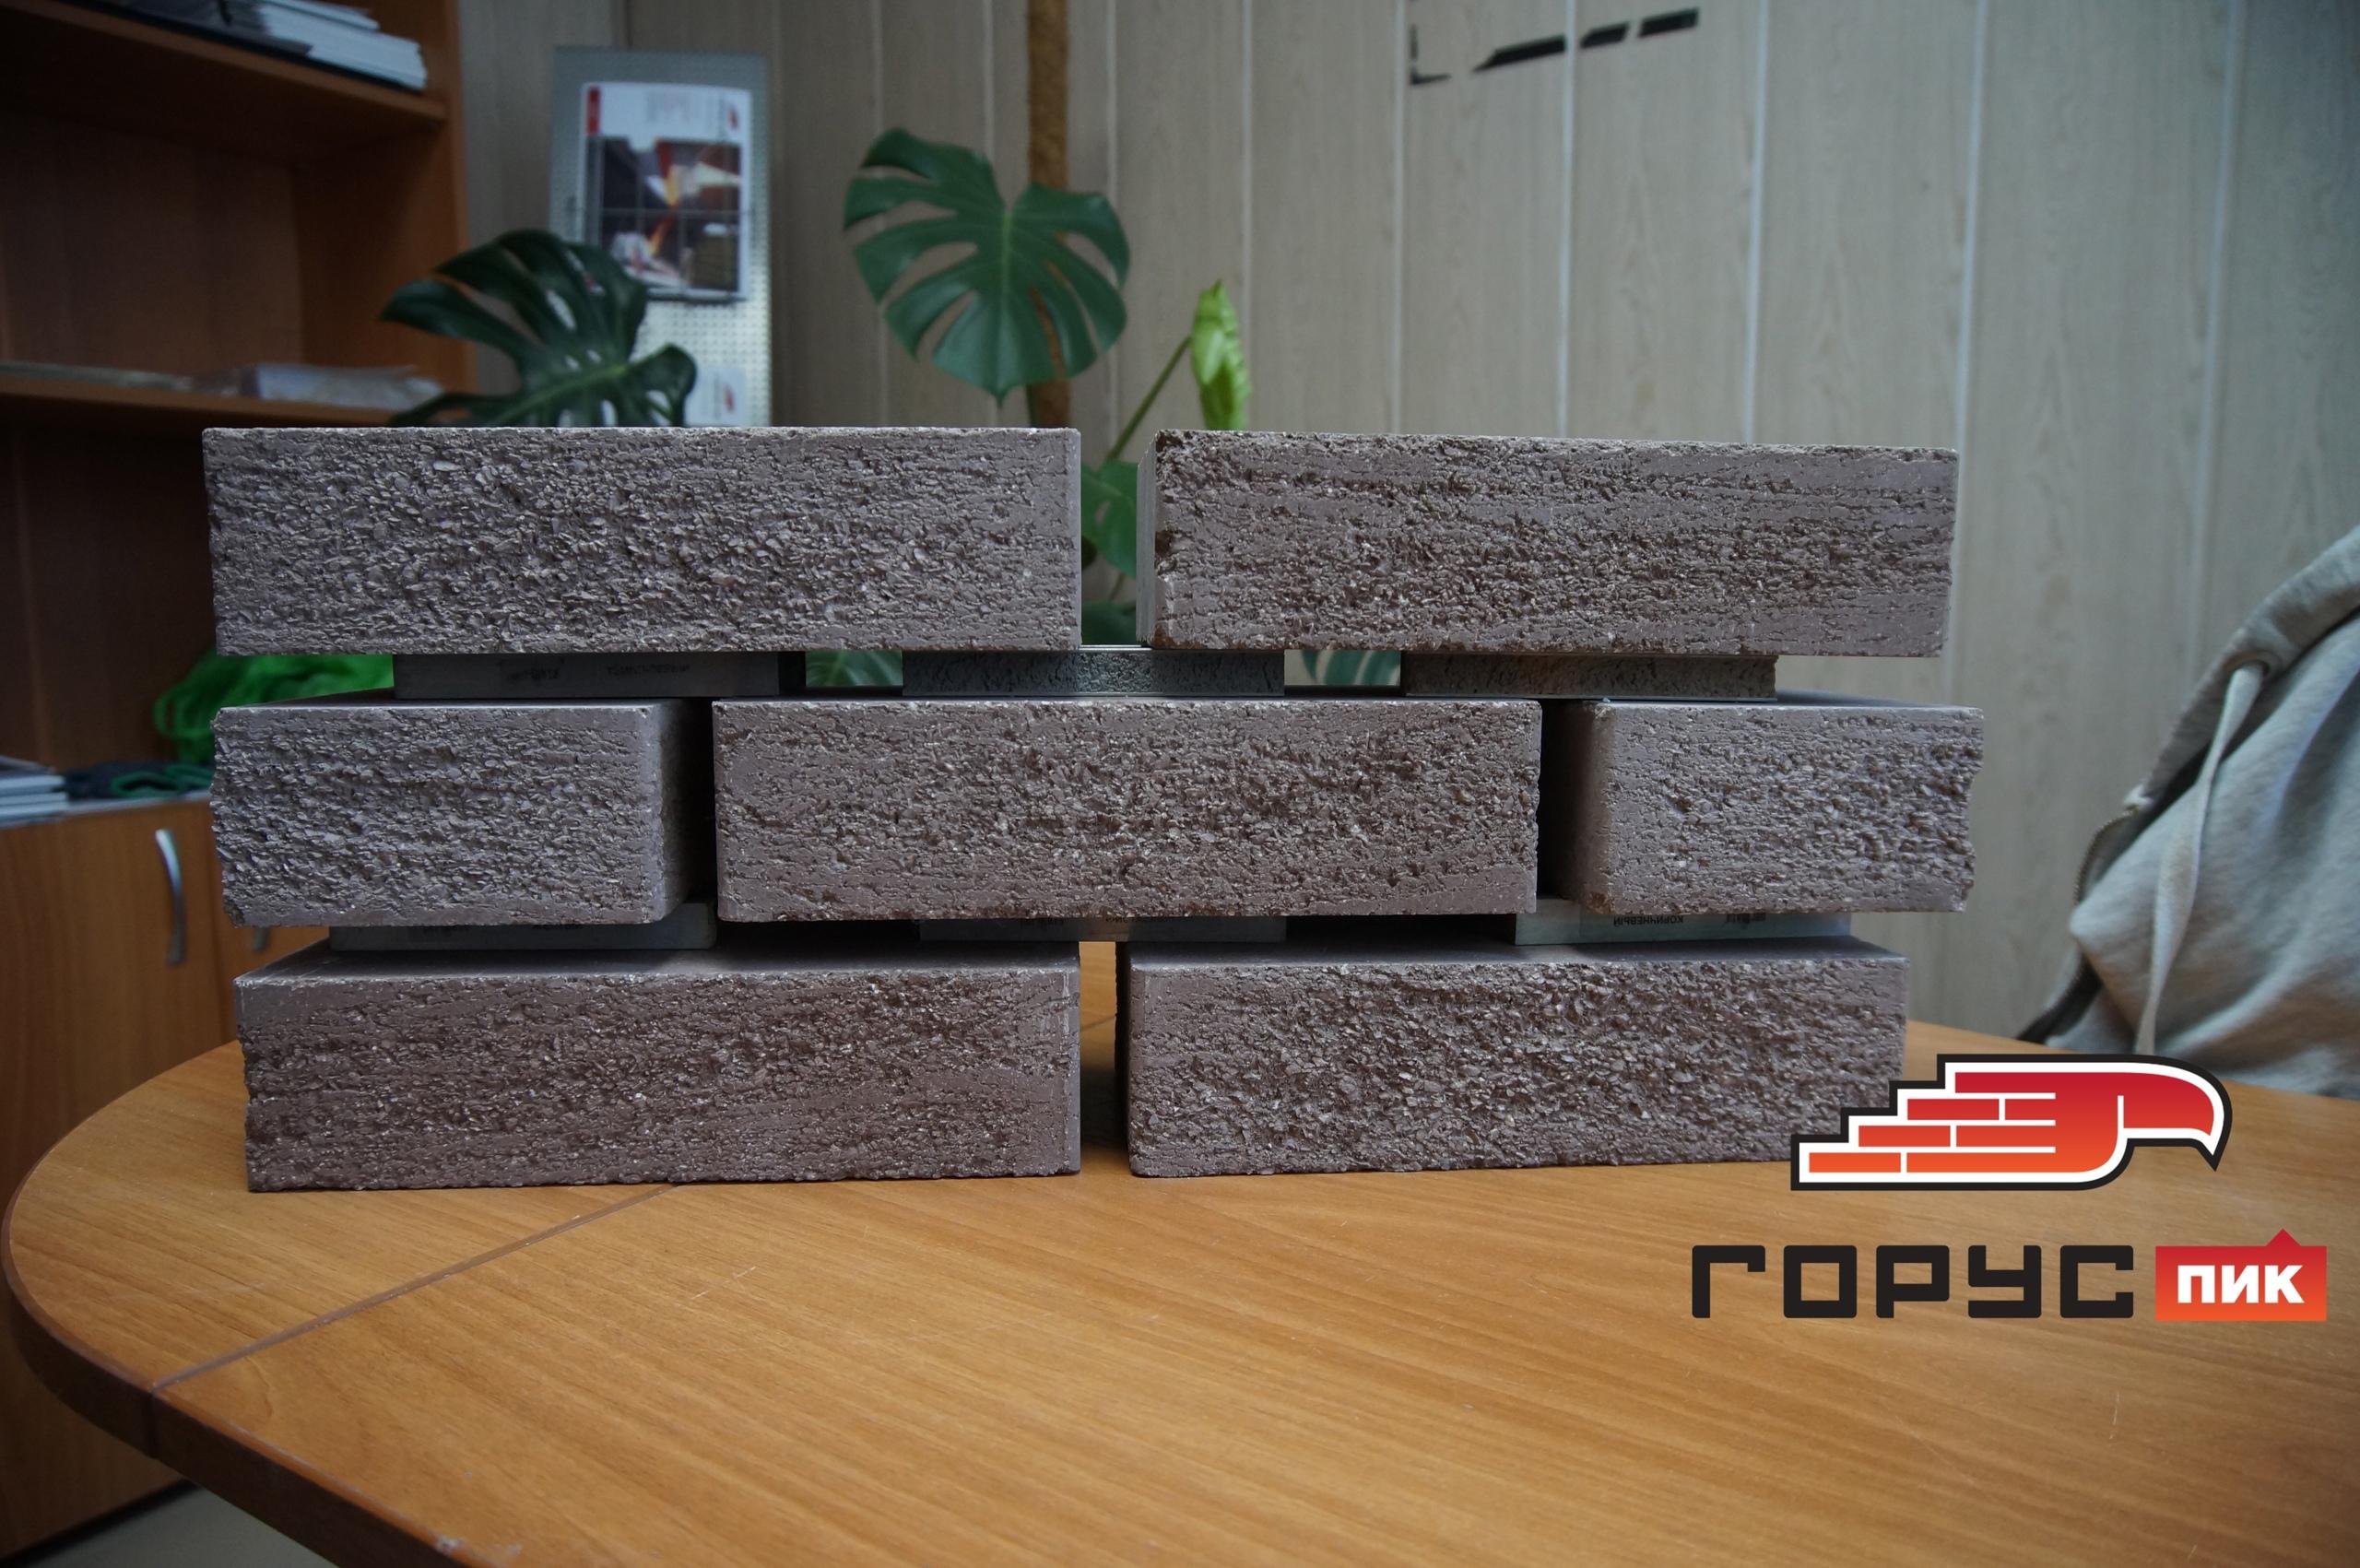 Сегодня мы делаем подборку кирпича на цоколь жилого дома, для наших заказчиков из Ульяновска.